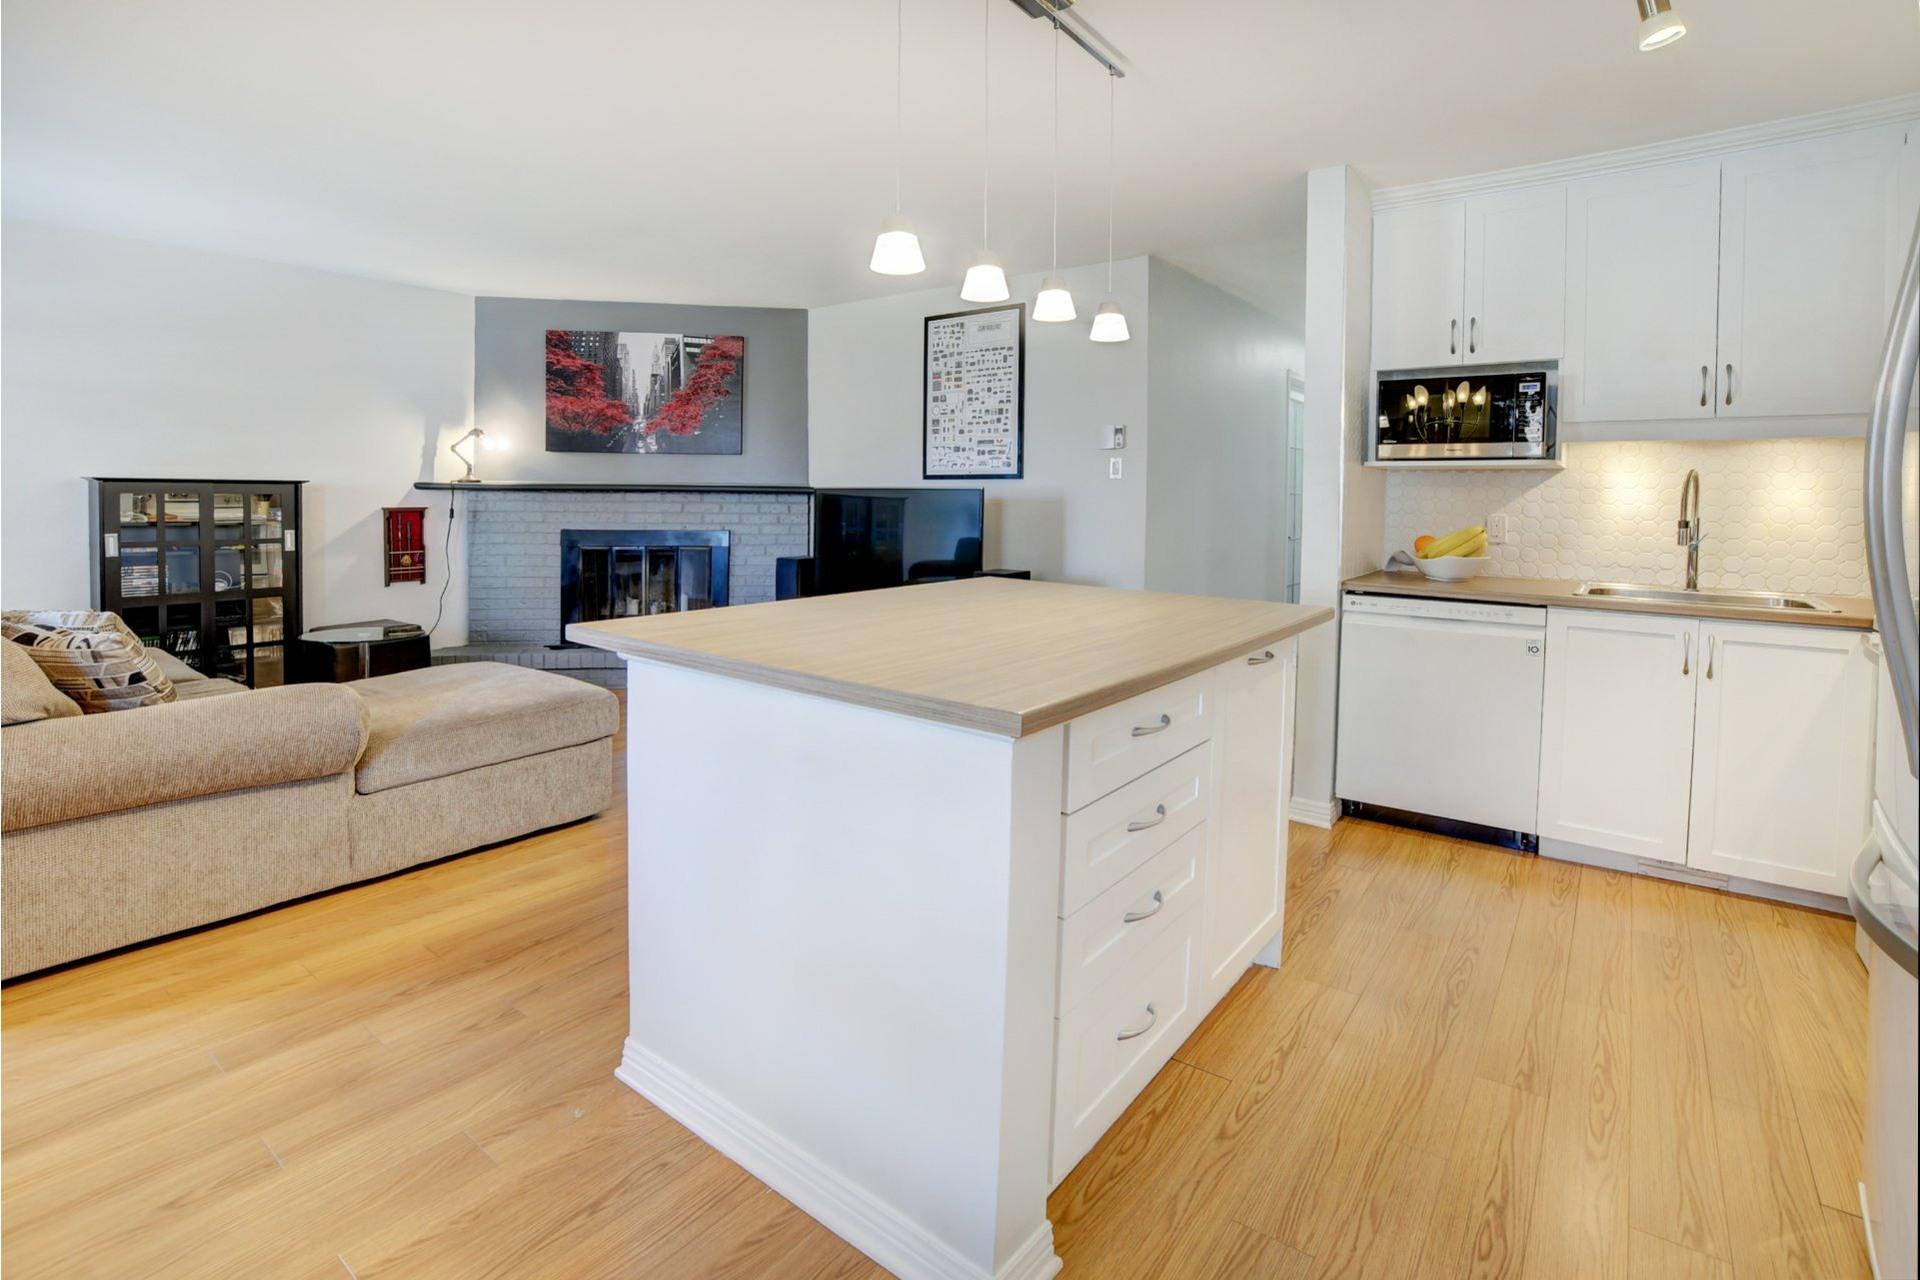 image 7 - Apartment For sale Rivière-des-Prairies/Pointe-aux-Trembles Montréal  - 9 rooms